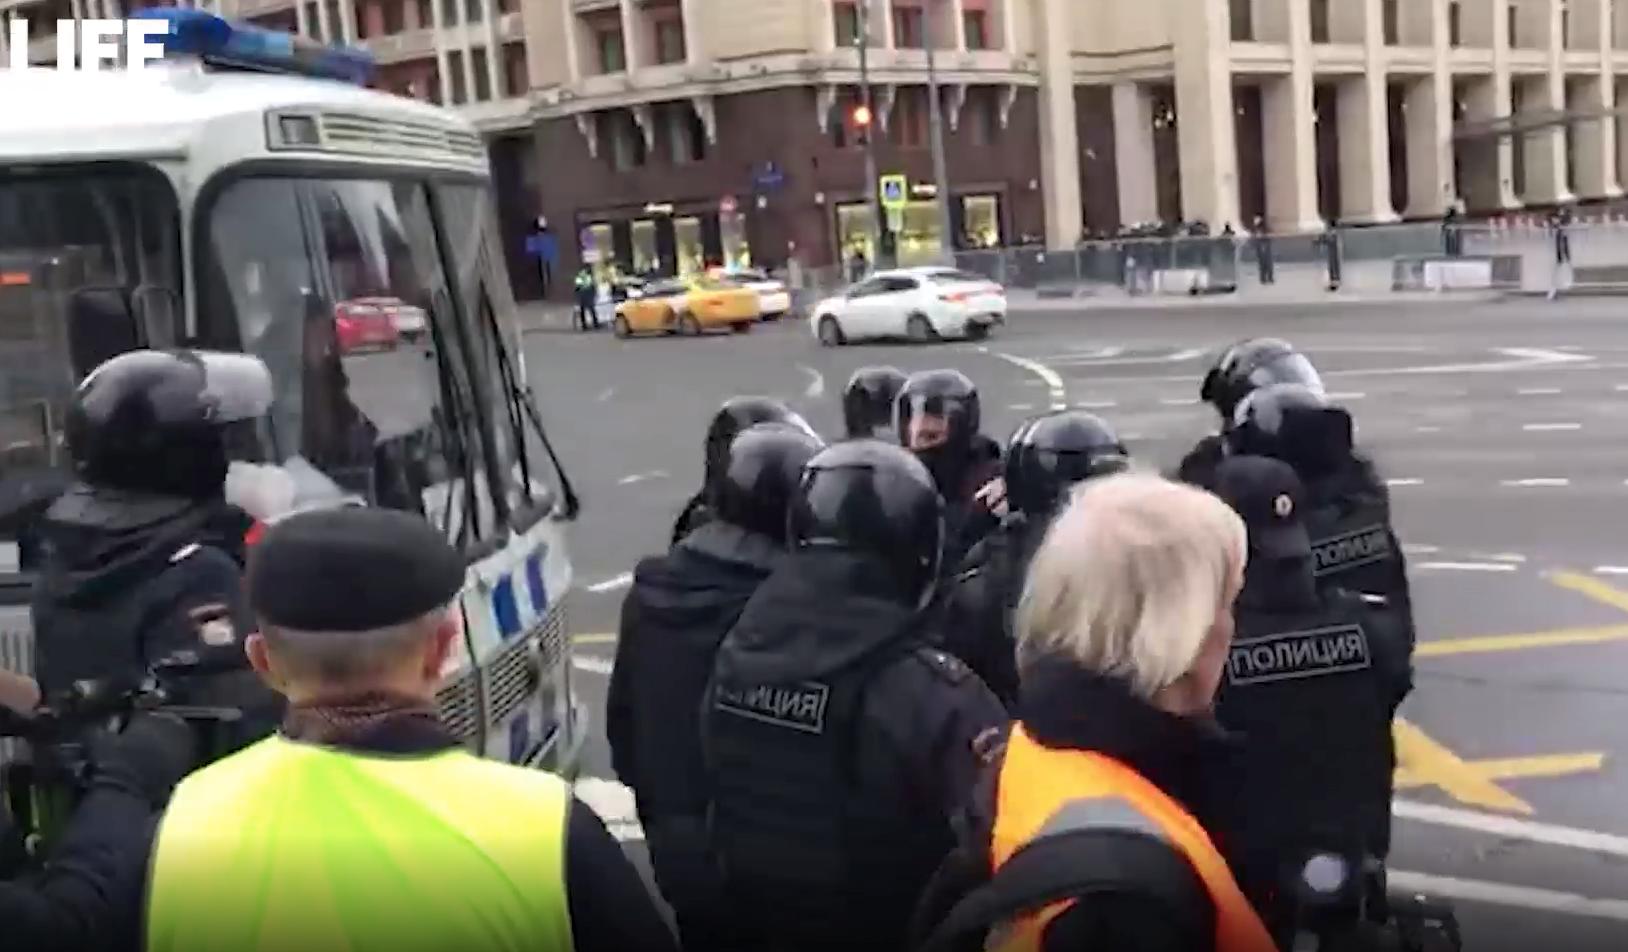 В центре Москвы на незаконной акции задержано несколько человек